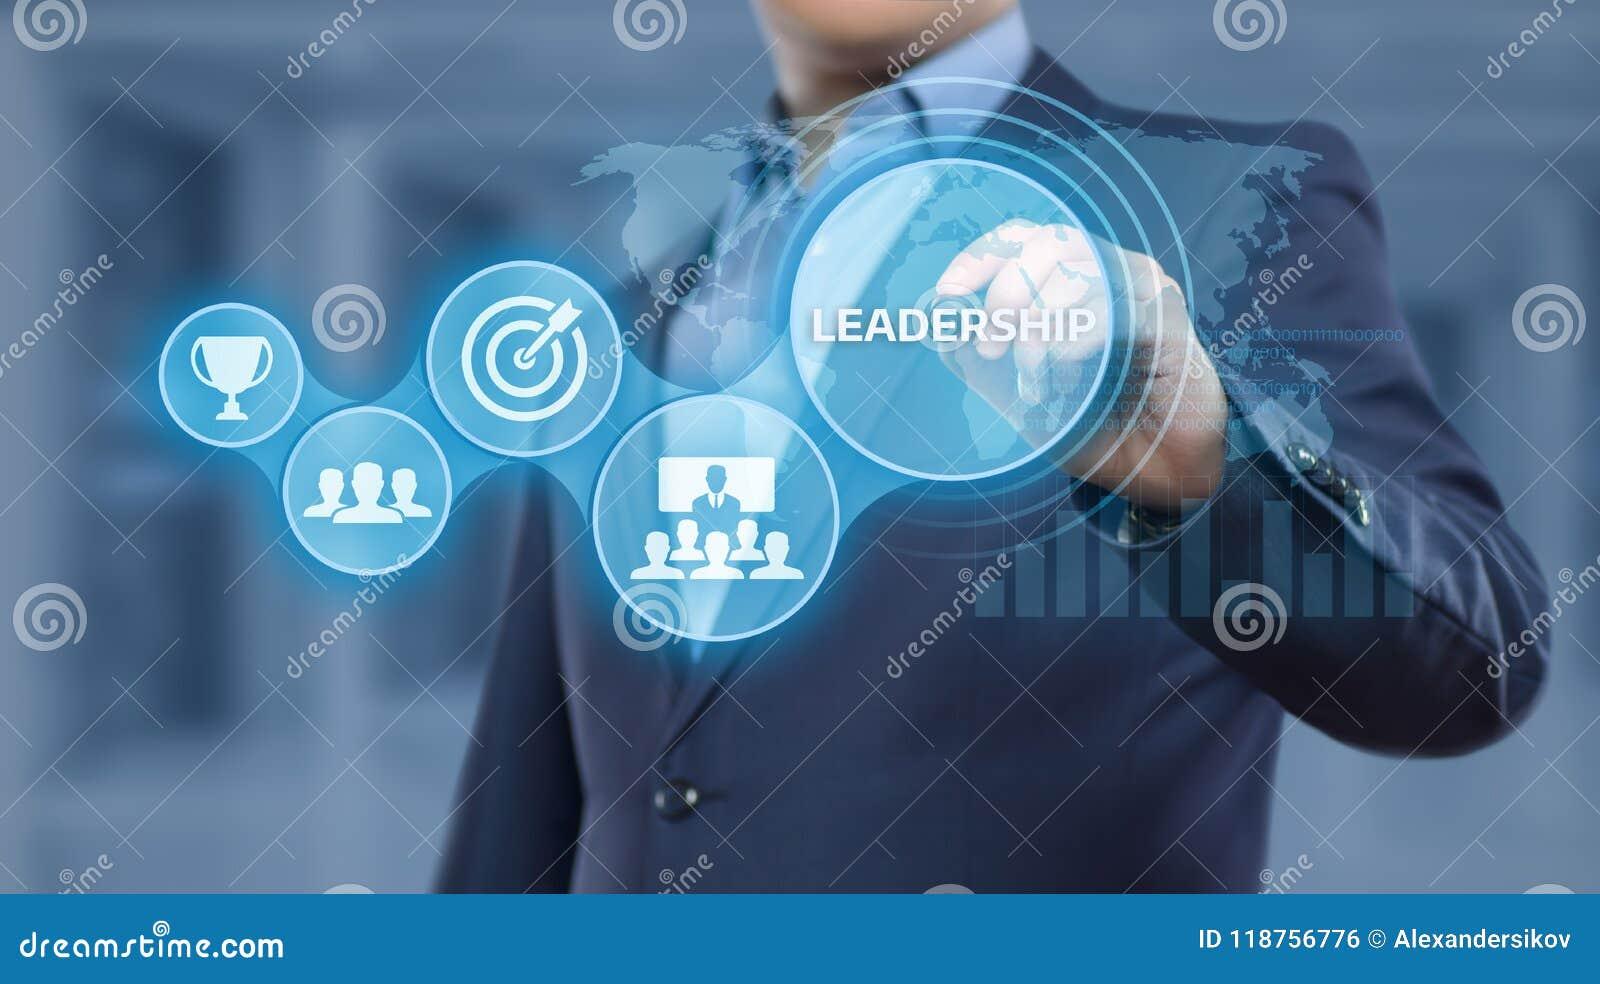 Концепция искусств мотивировки сыгранности руководства бизнесом руководства